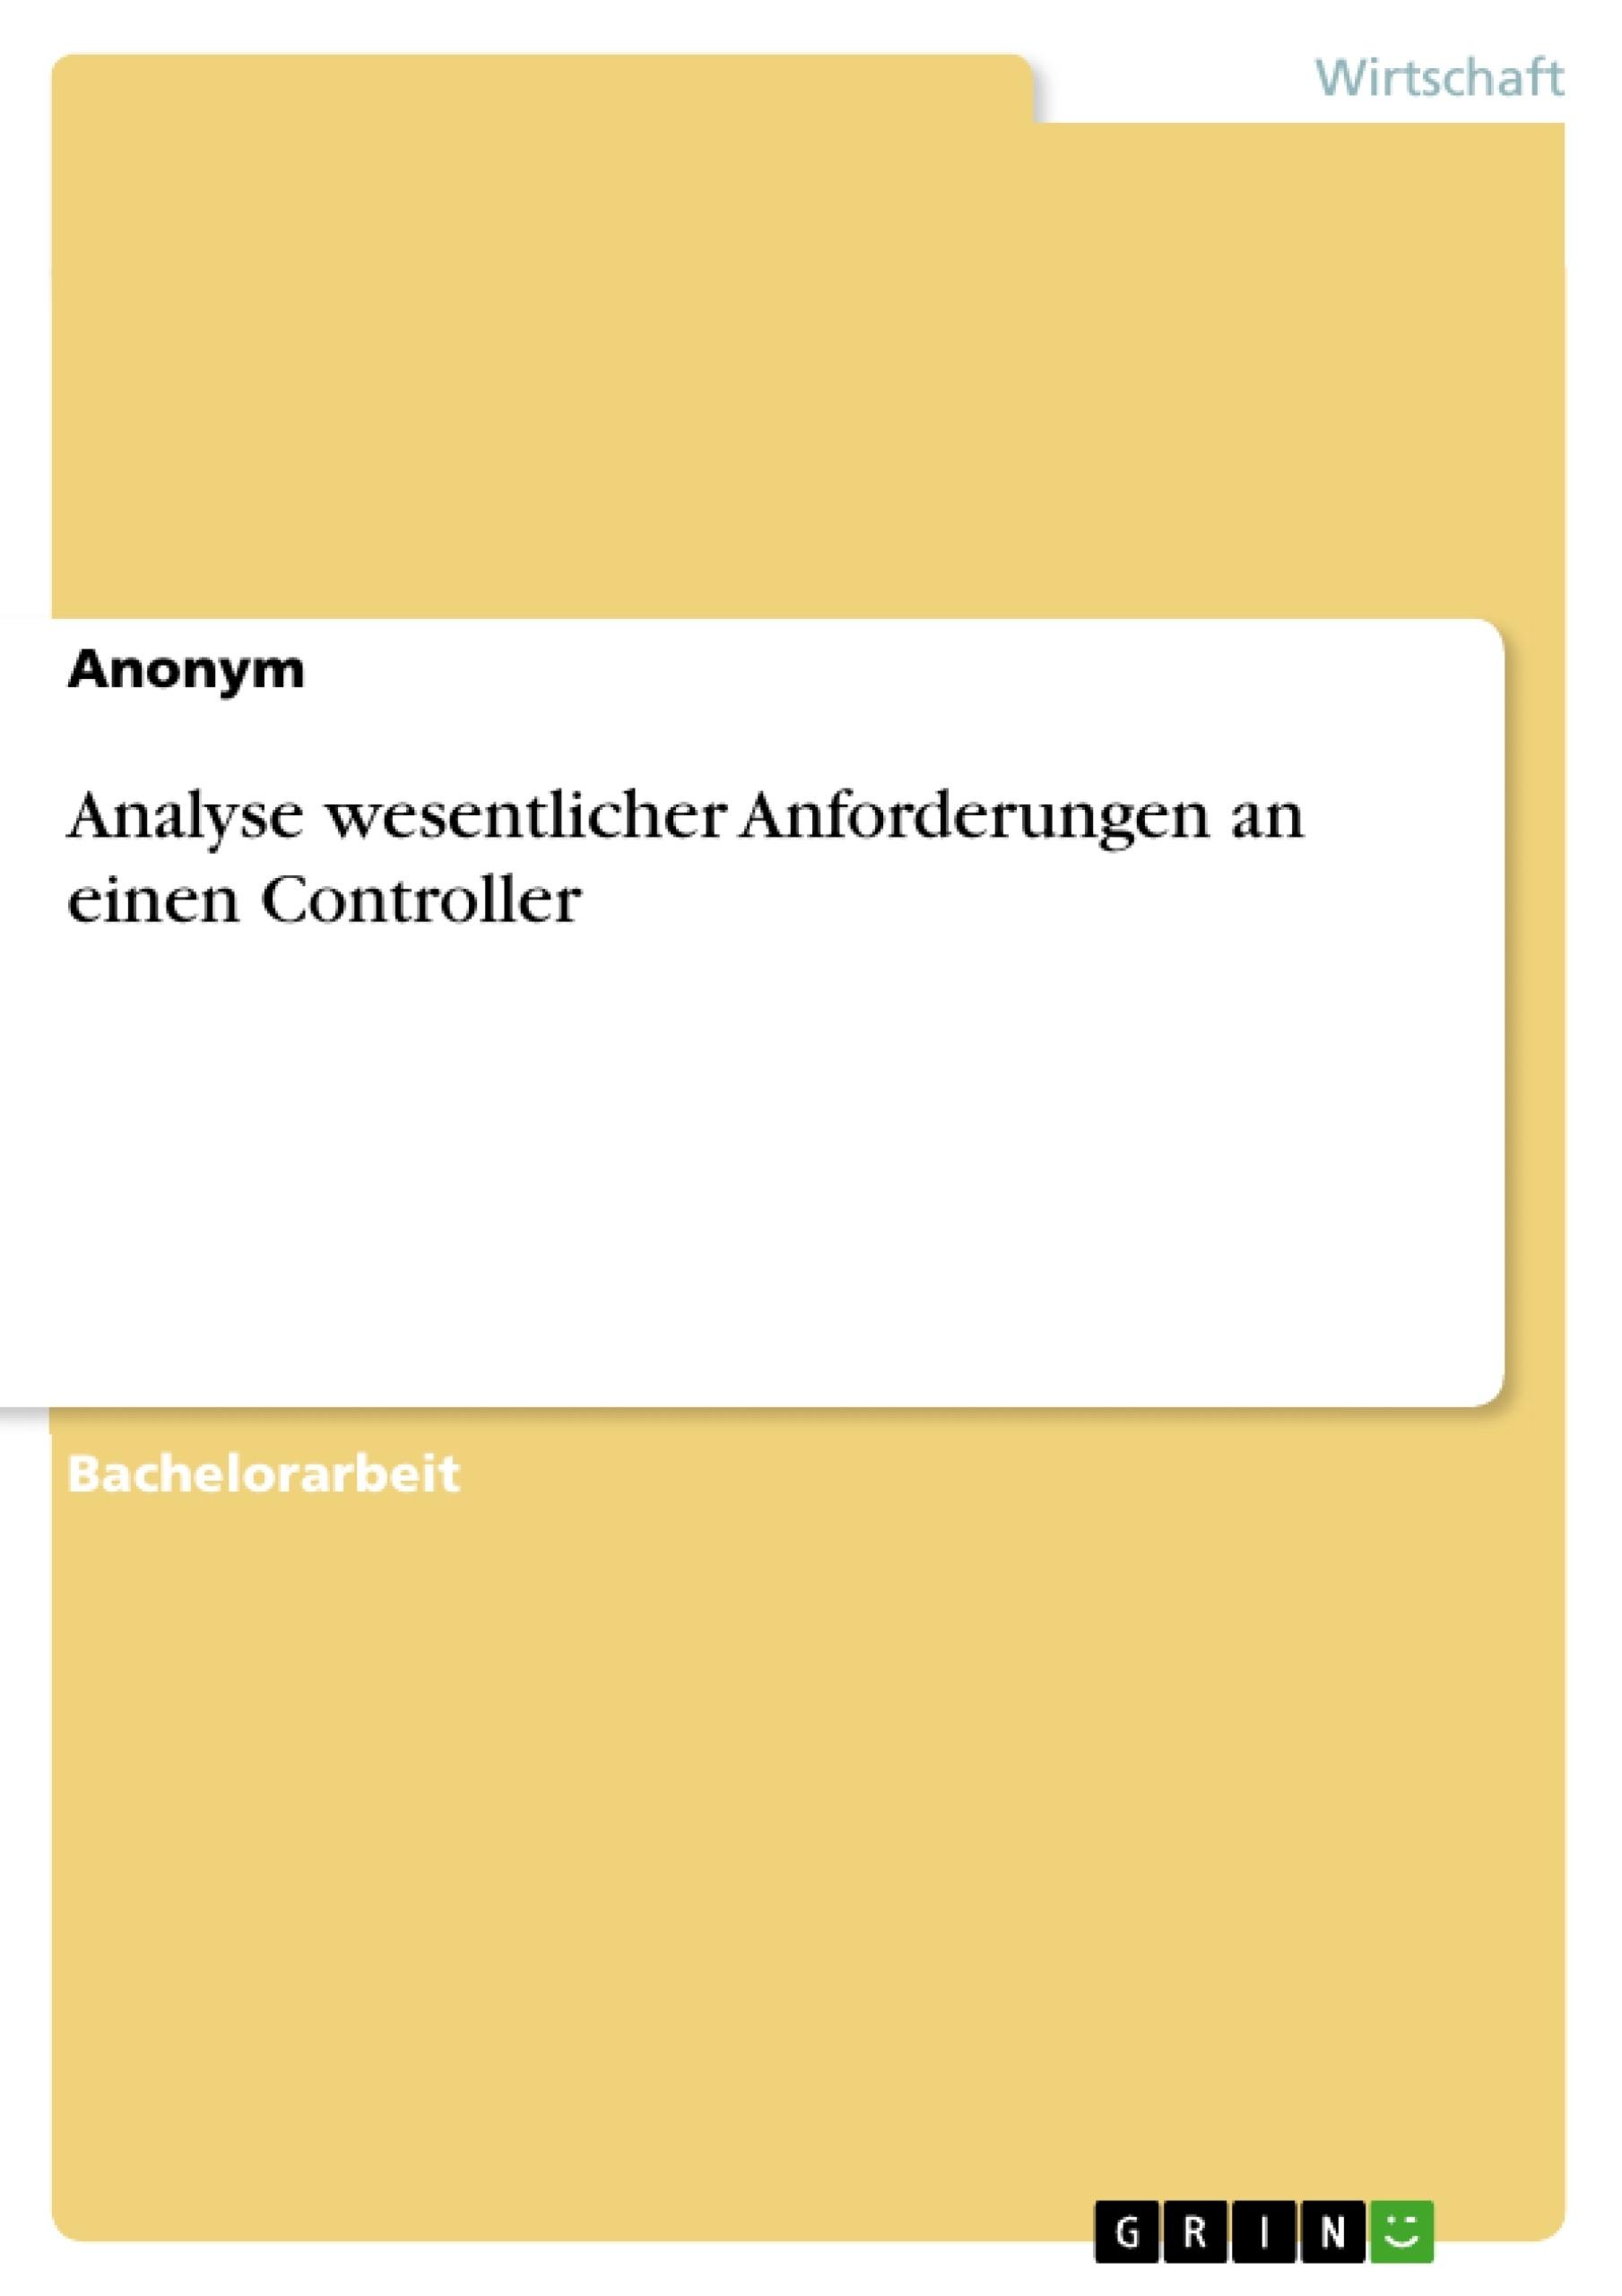 Titel: Analyse wesentlicher Anforderungen an einen Controller